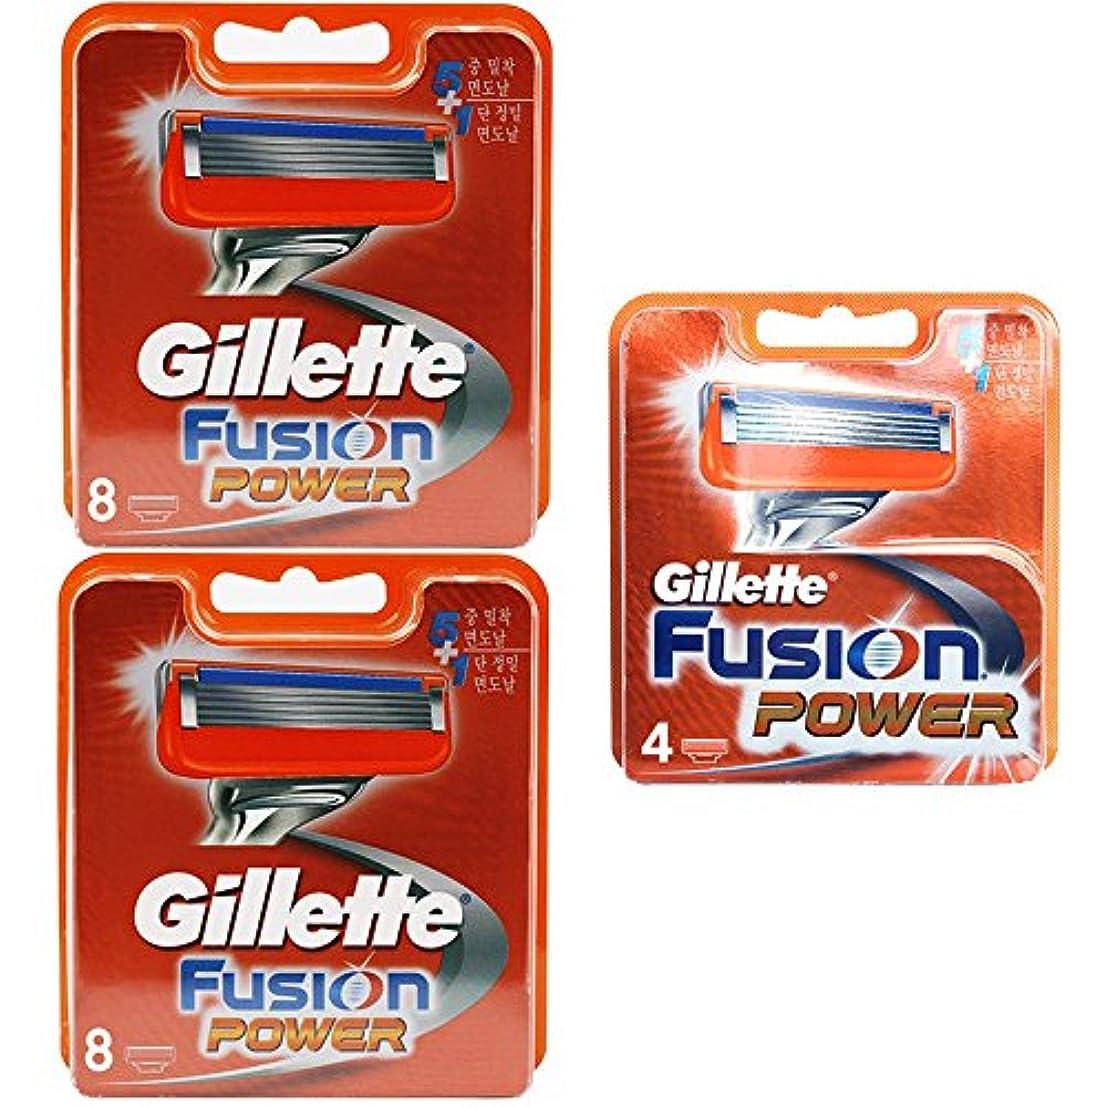 プランター以前は落胆したGillette Fusion Power Blades Cartridges 本物のドイツ製 20 Pack [並行輸入品]